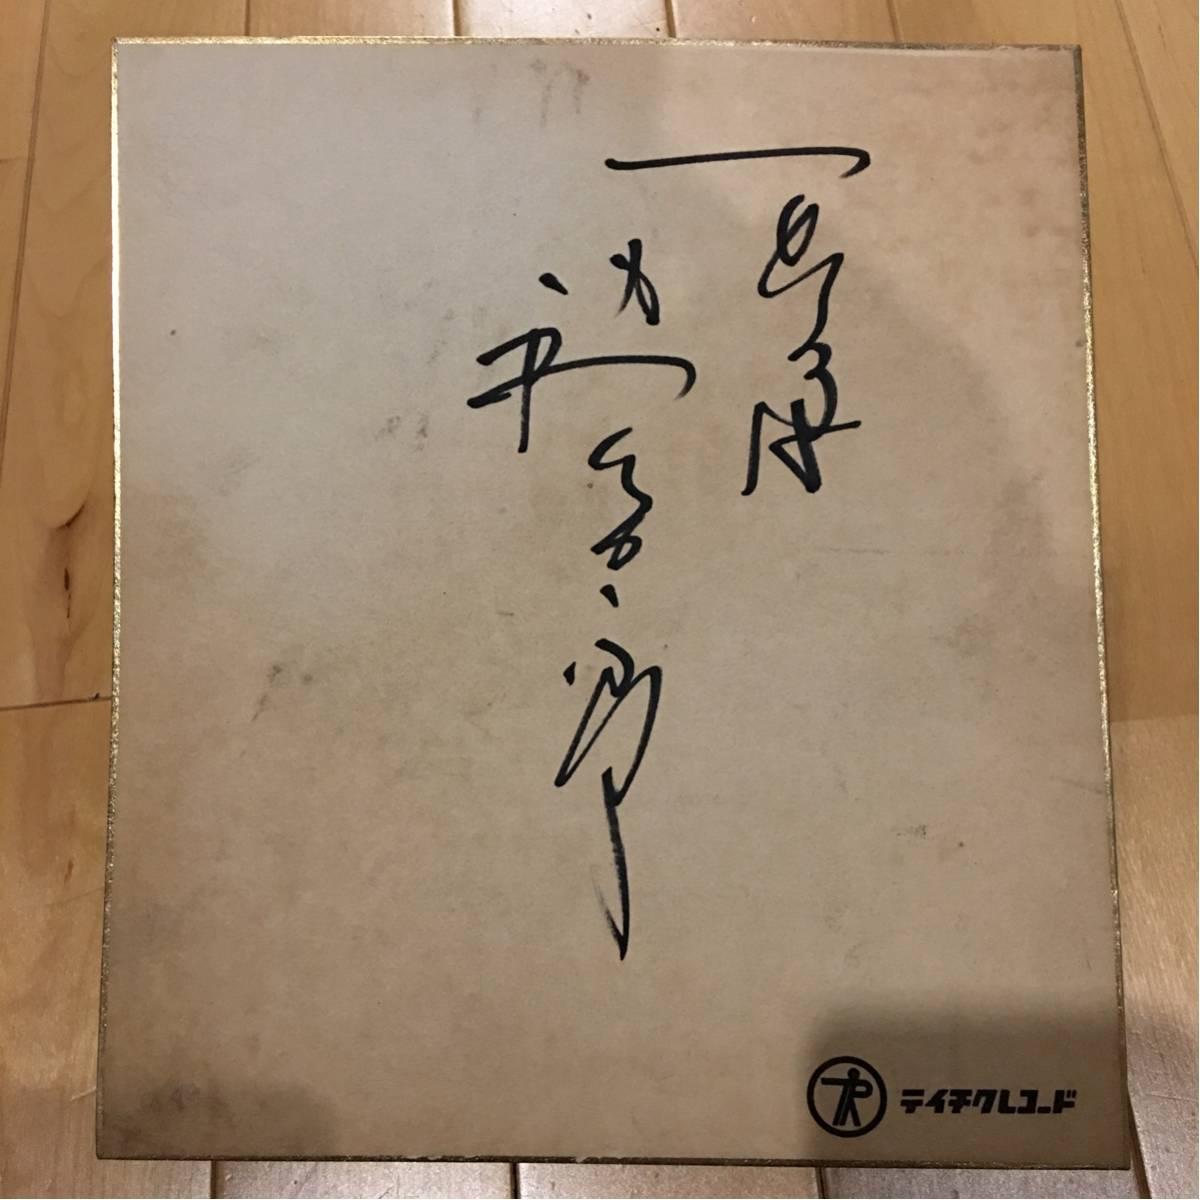 ◆レア◆ 石原裕次郎 サイン色紙 ① 昭和 レトロ